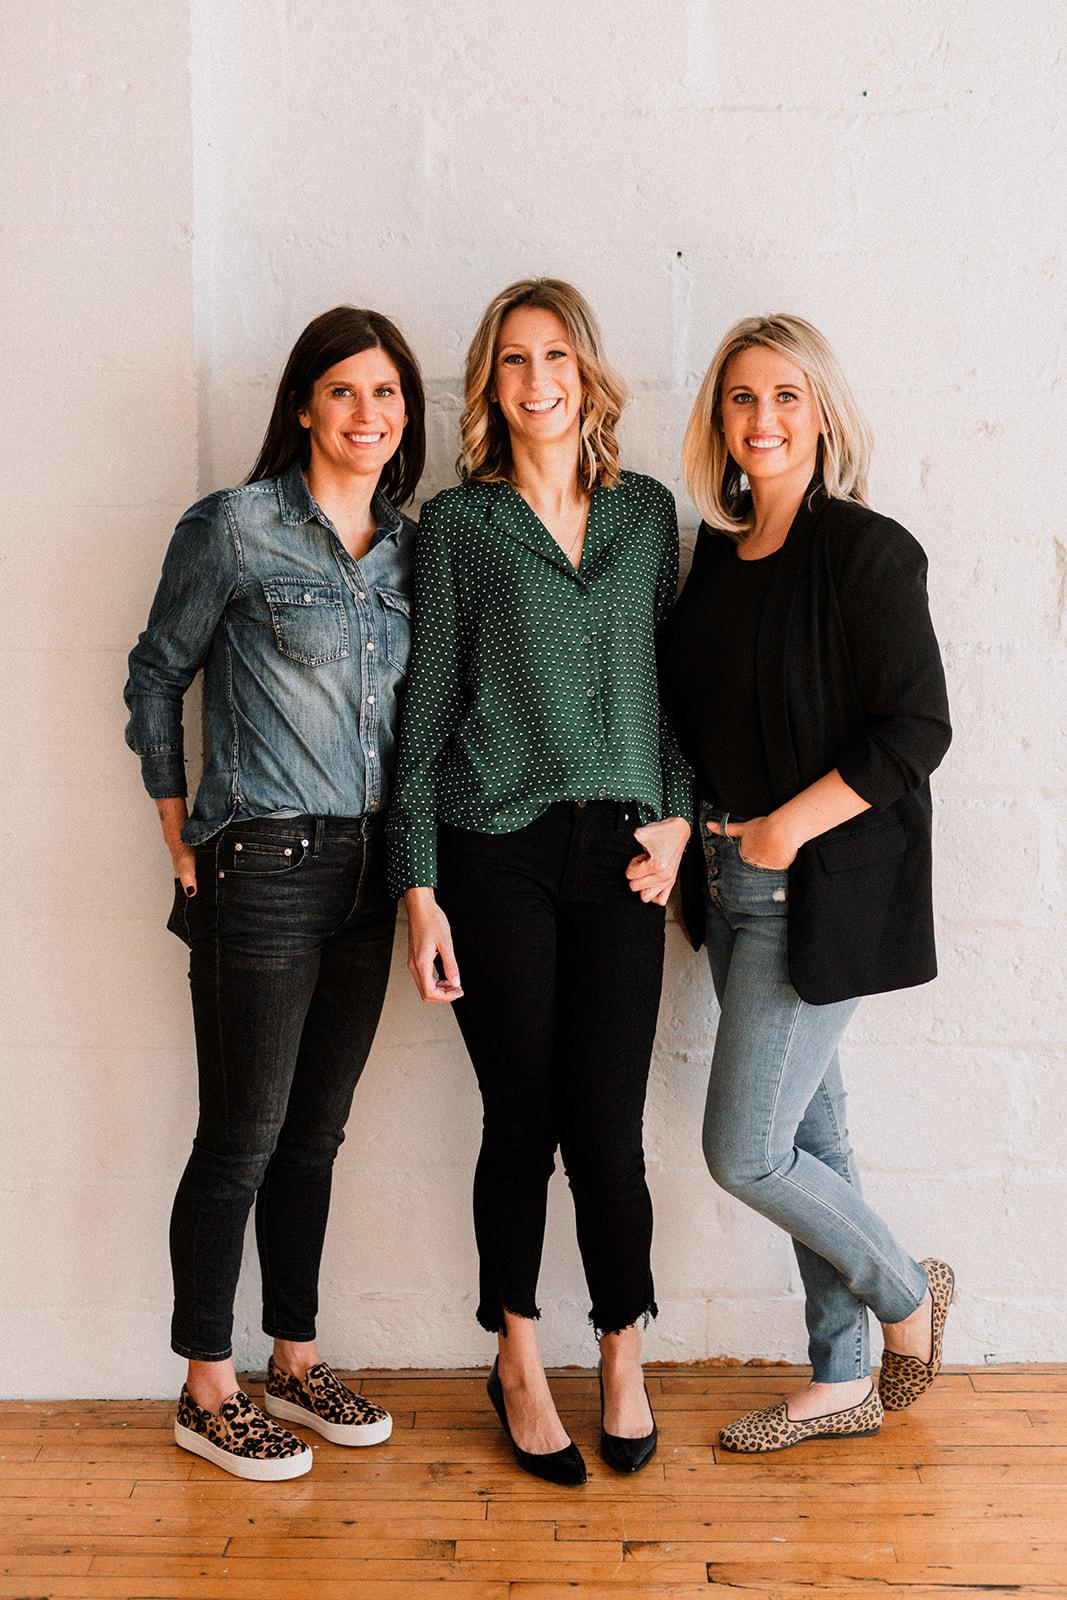 The Indie Queen team members: Chelsea Henderson, Lyndsey Macmillan, Sarah Baker